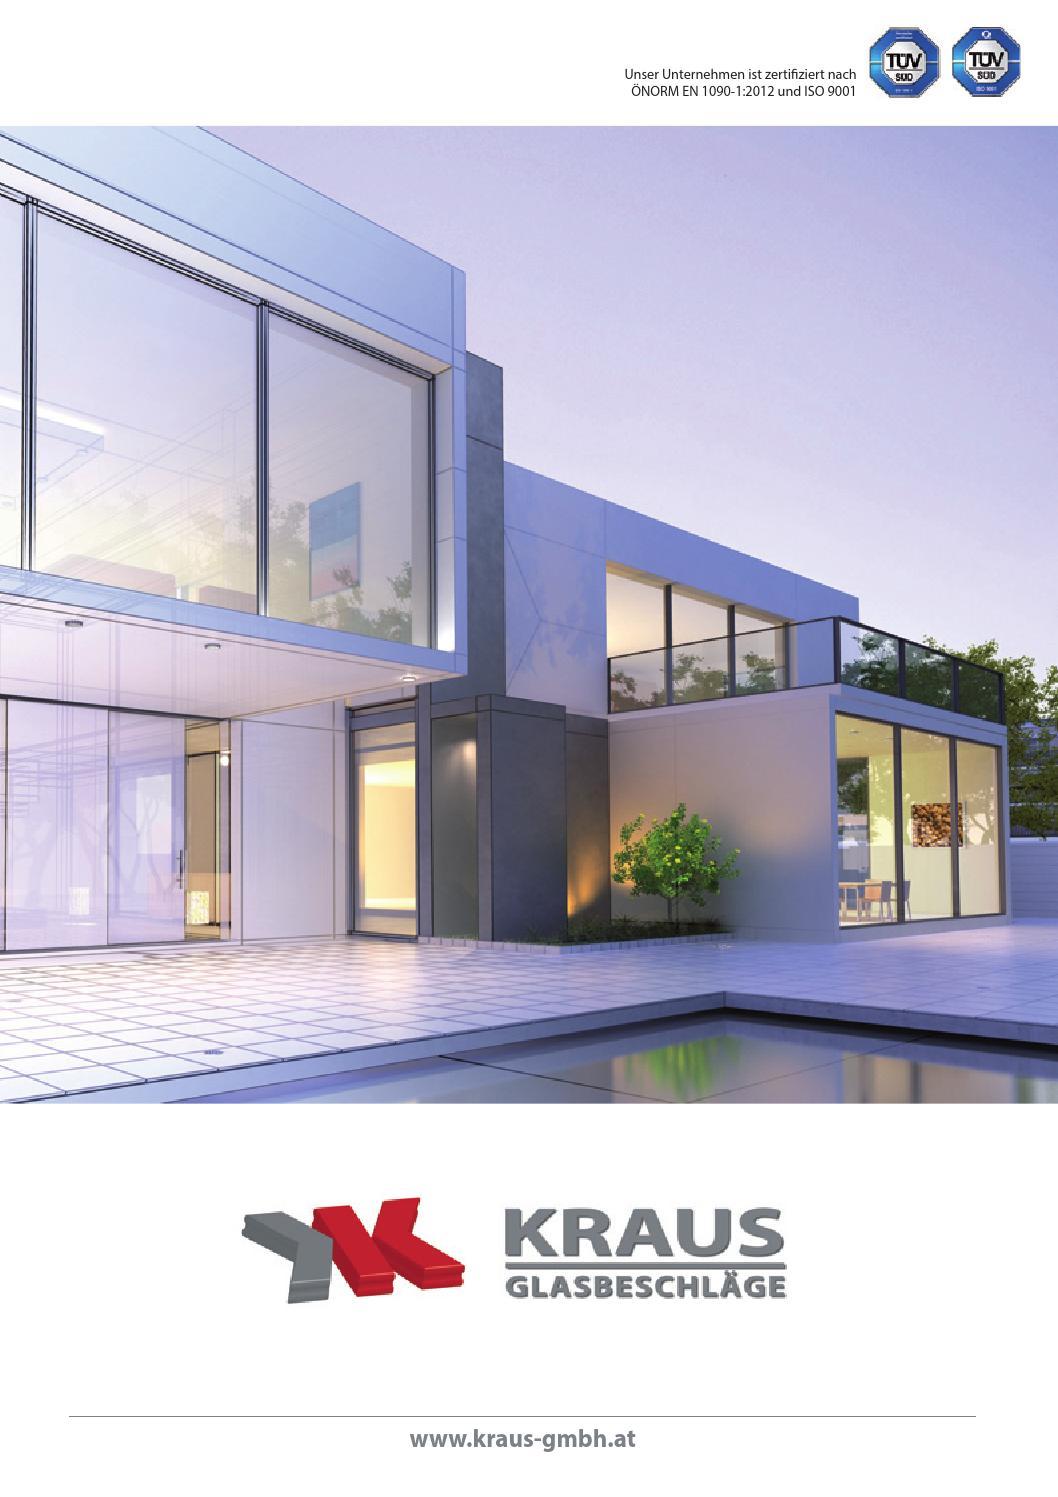 Kraus Glasbeschläge Katalog 2015 by Kraus_Glasbeschläge issuu